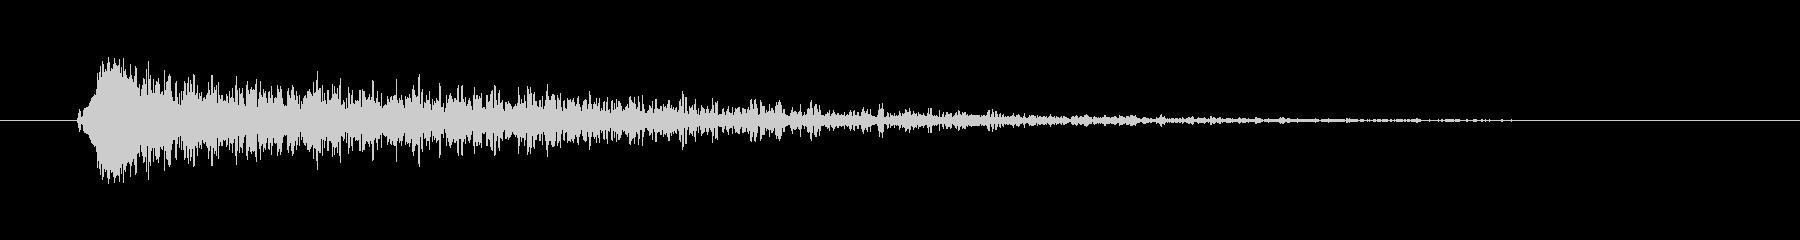 インパクト|衝撃  SEシリーズ3の未再生の波形